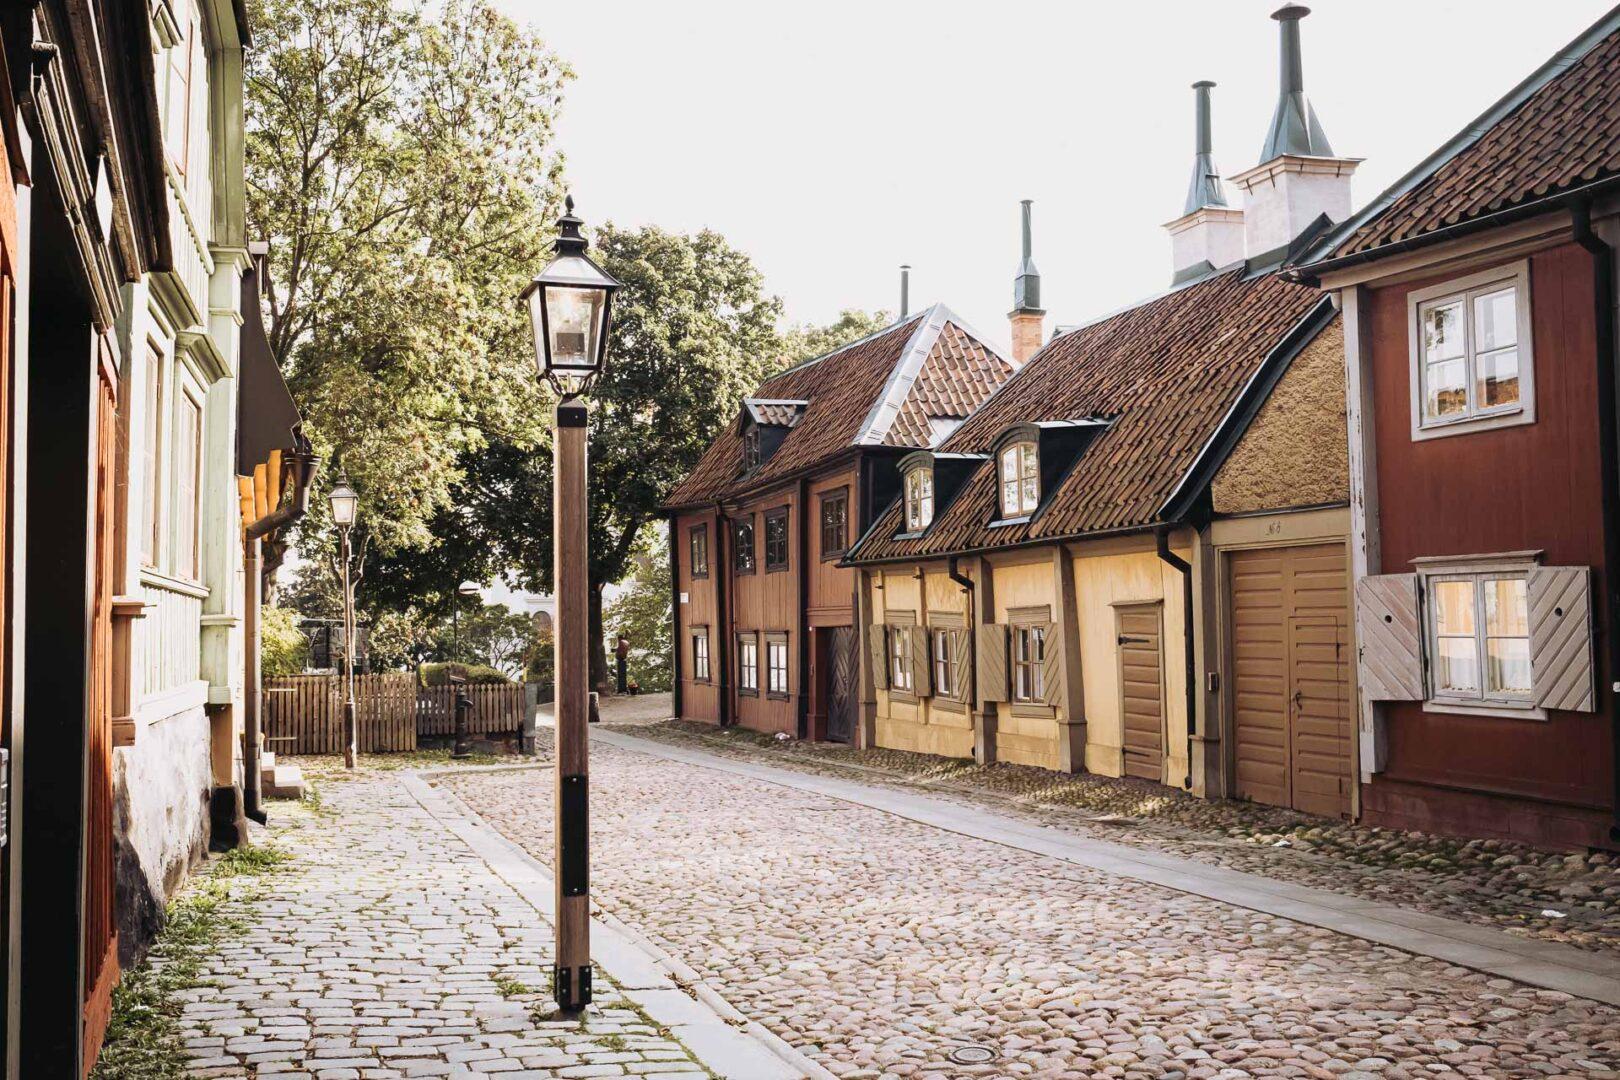 Instagramvänliga platser Stockholm, Söder, Mäster Mikaels gata